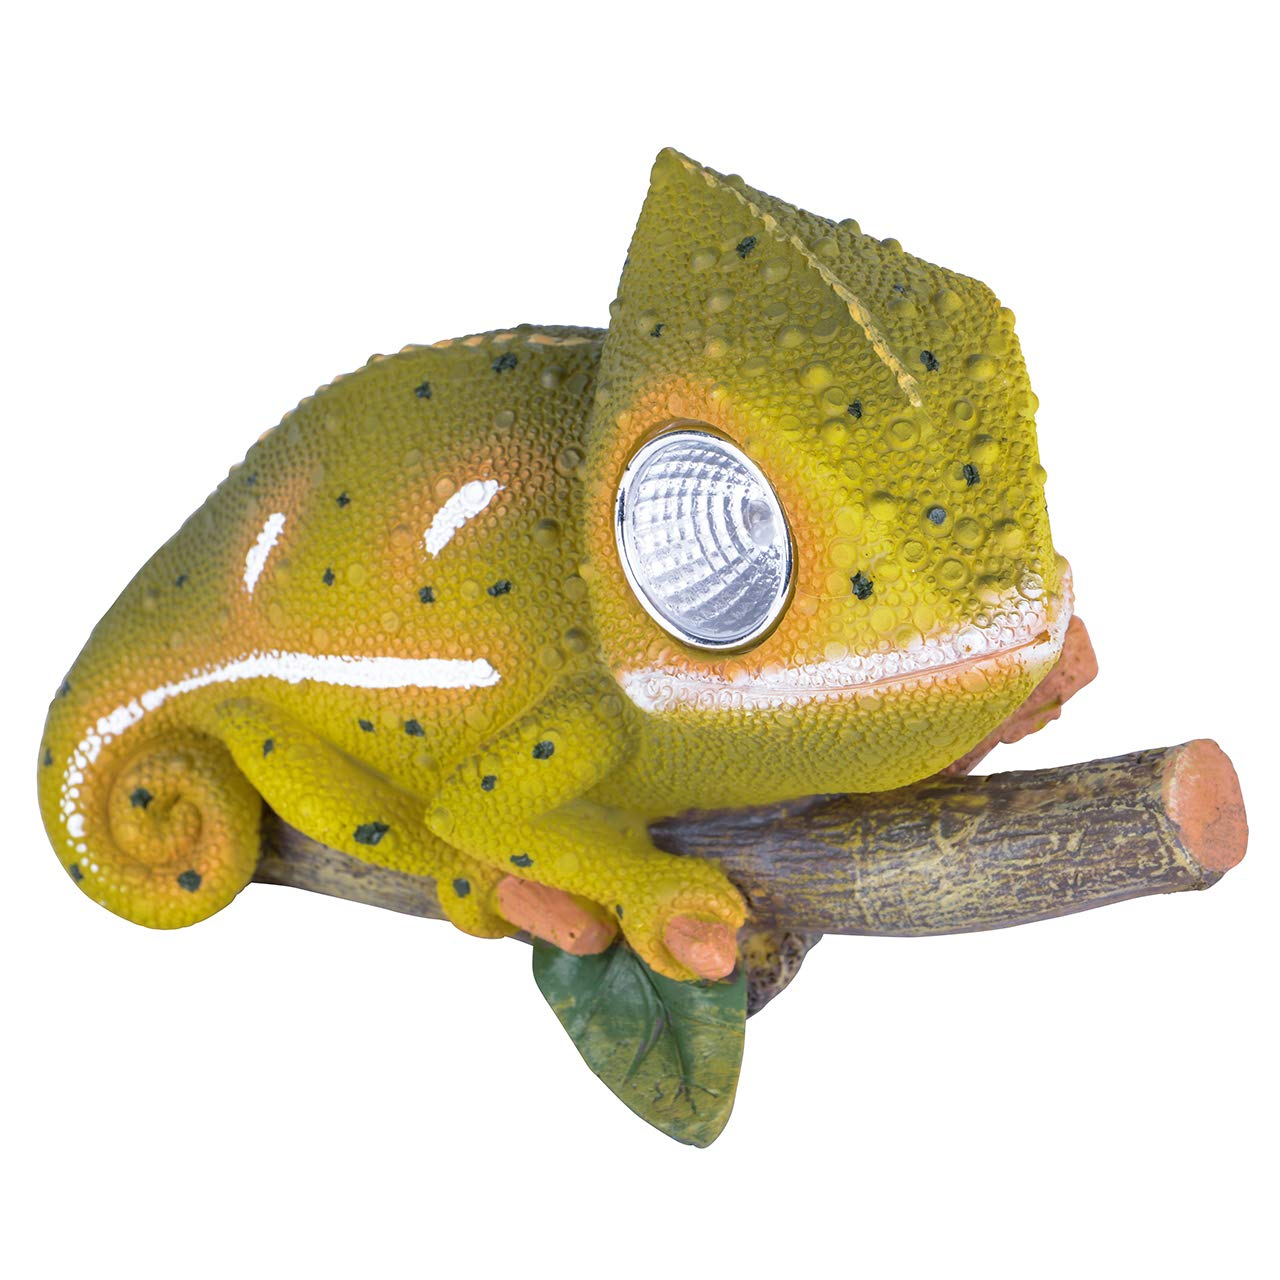 RM E-Commerce - Figura de camaleón con iluminación solar: Amazon.es: Hogar